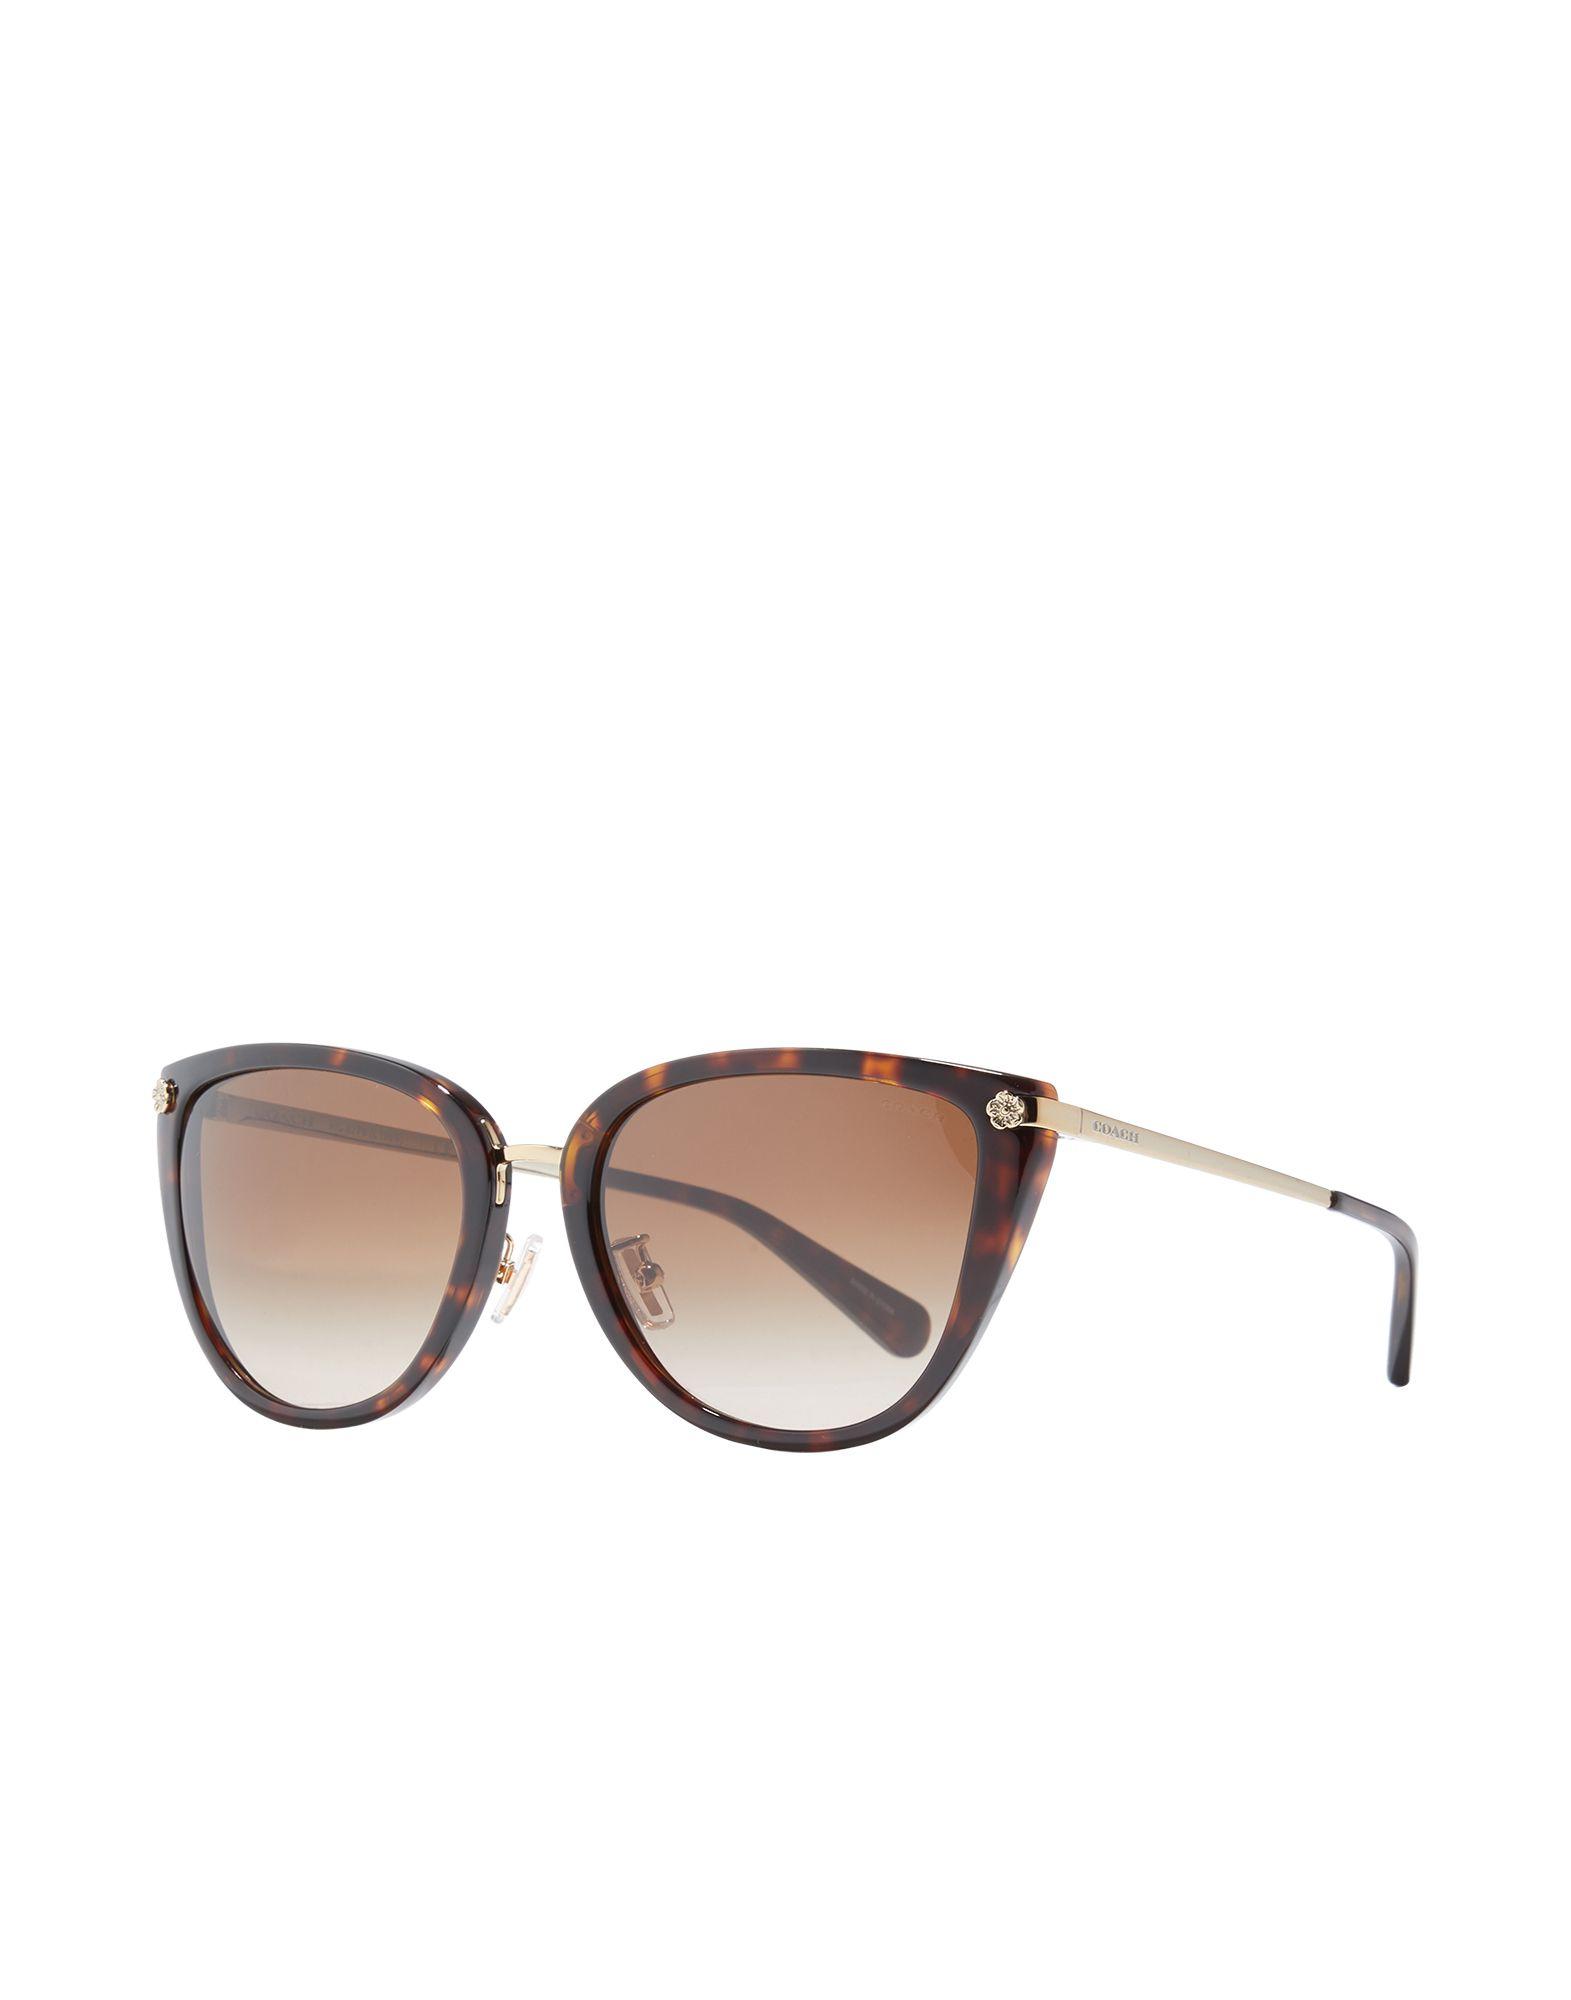 COACH Sunglasses. plastic frame, logo, gradient lenses. Acetate